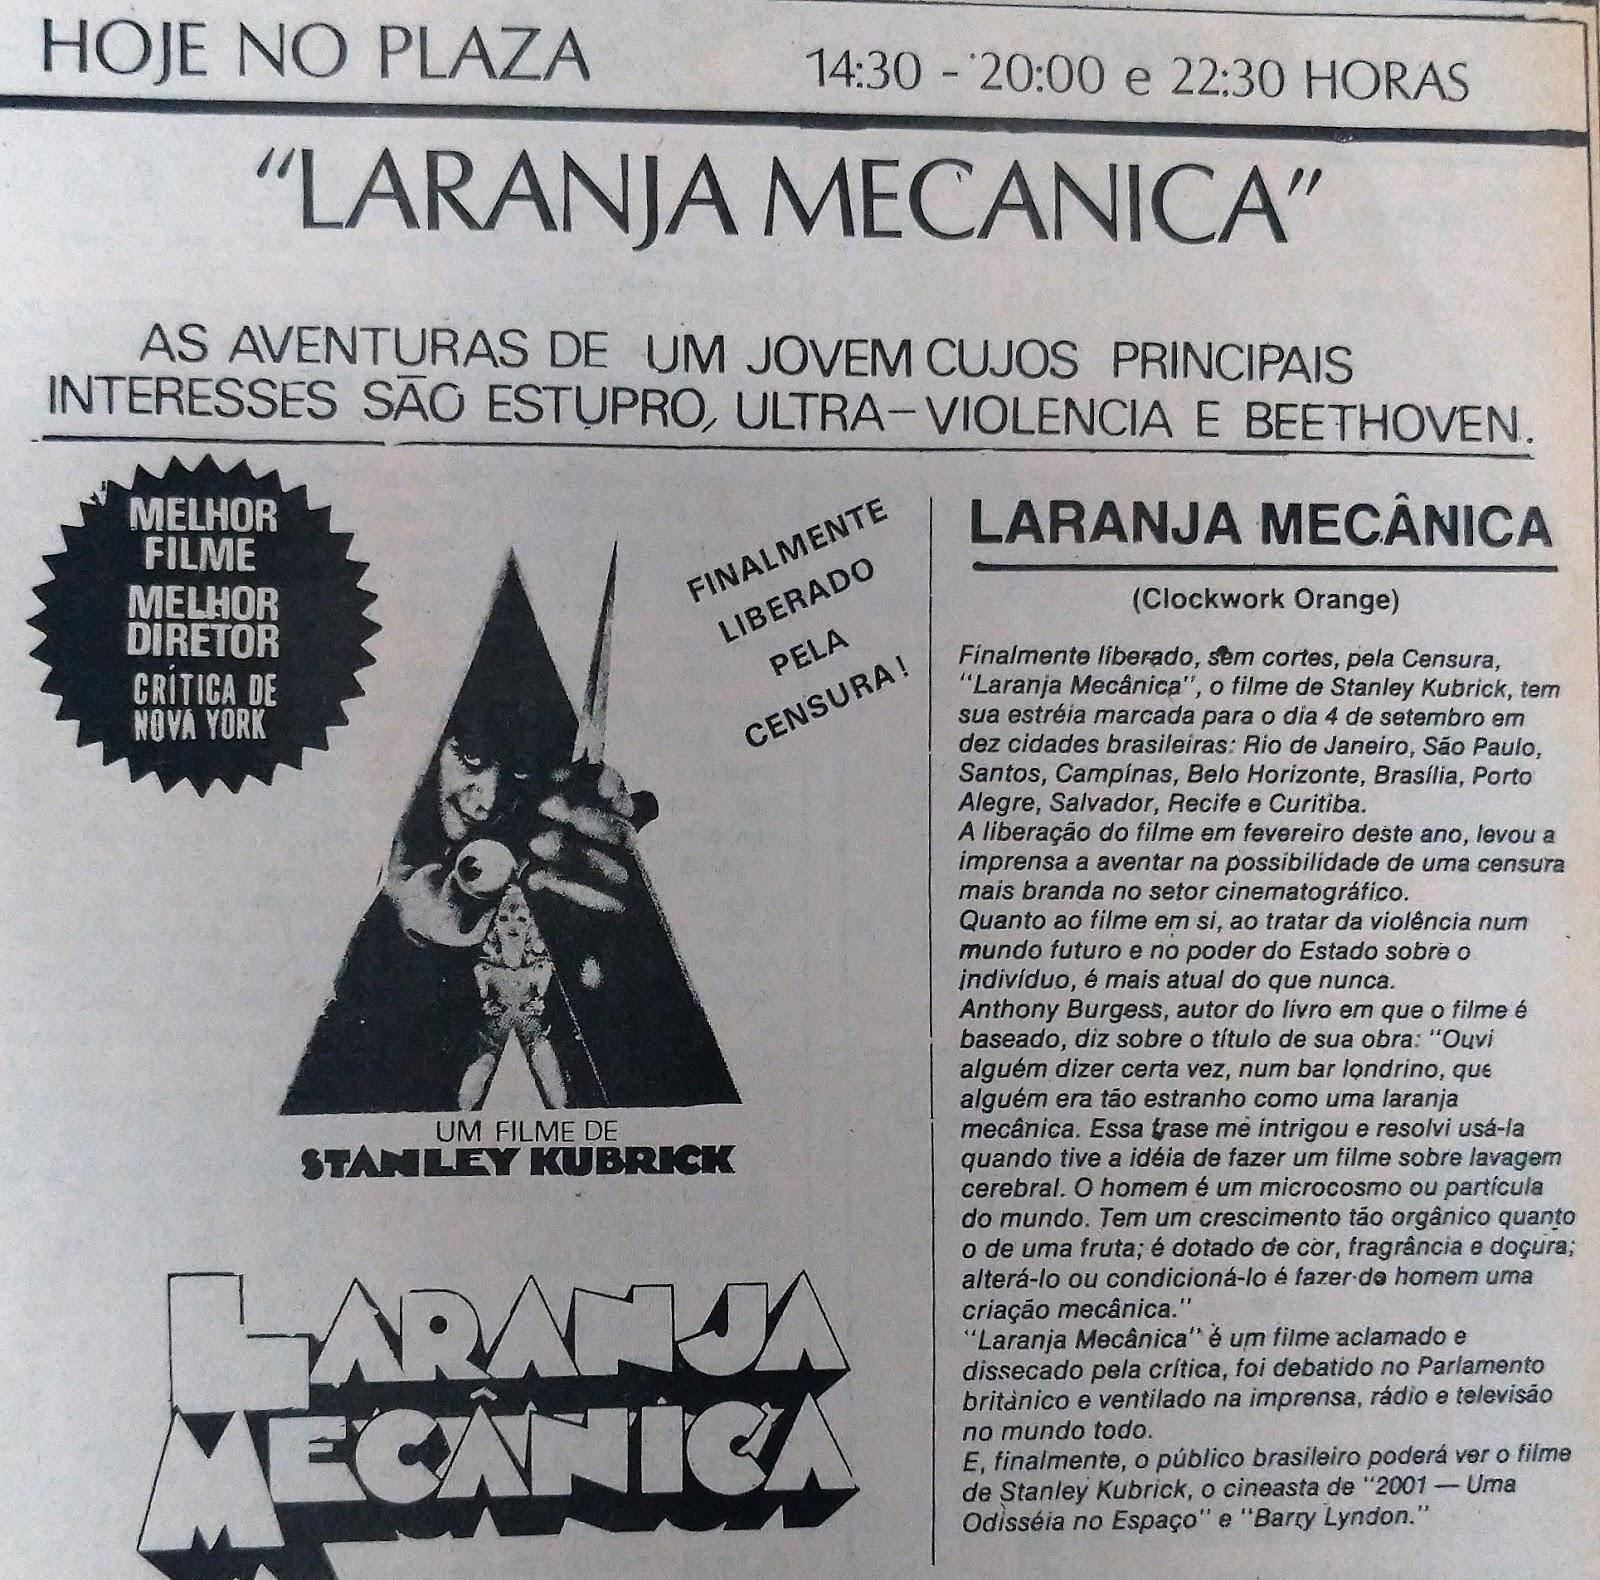 Laranja Mecânica - Cine Plaza - Novembro de 1978